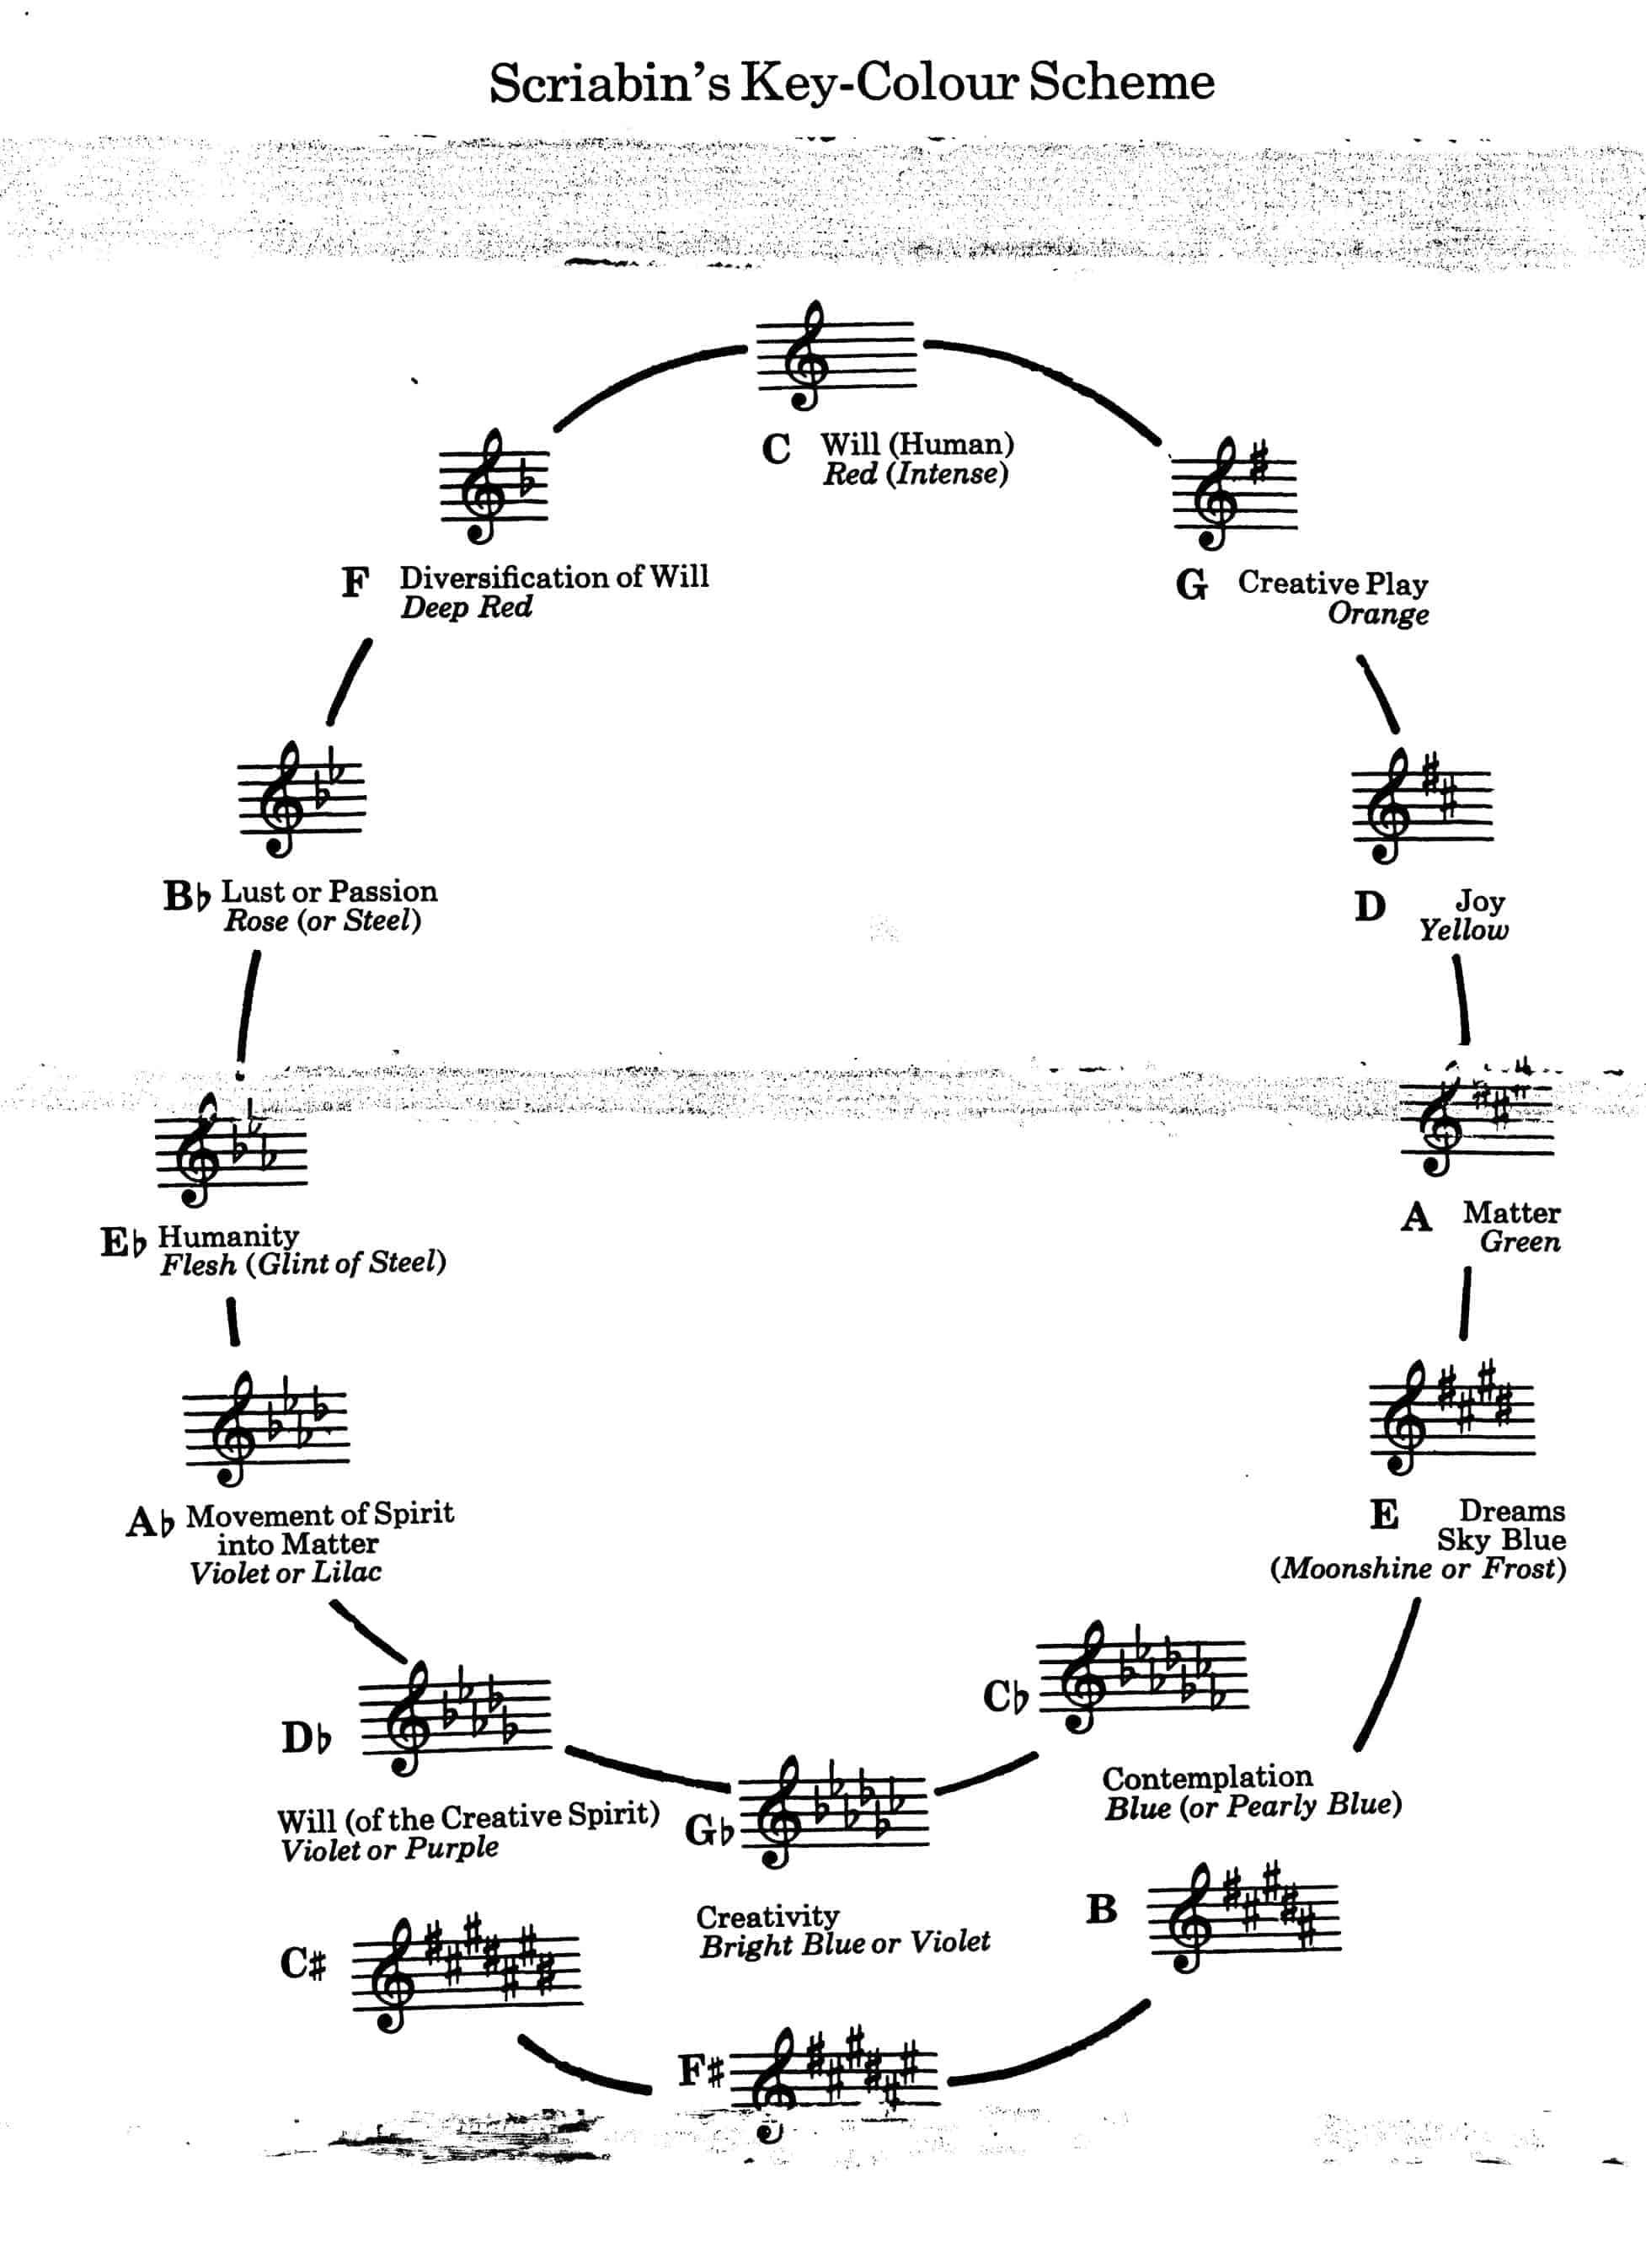 Schema di associazioni note-colori di Alexander Skrjabin